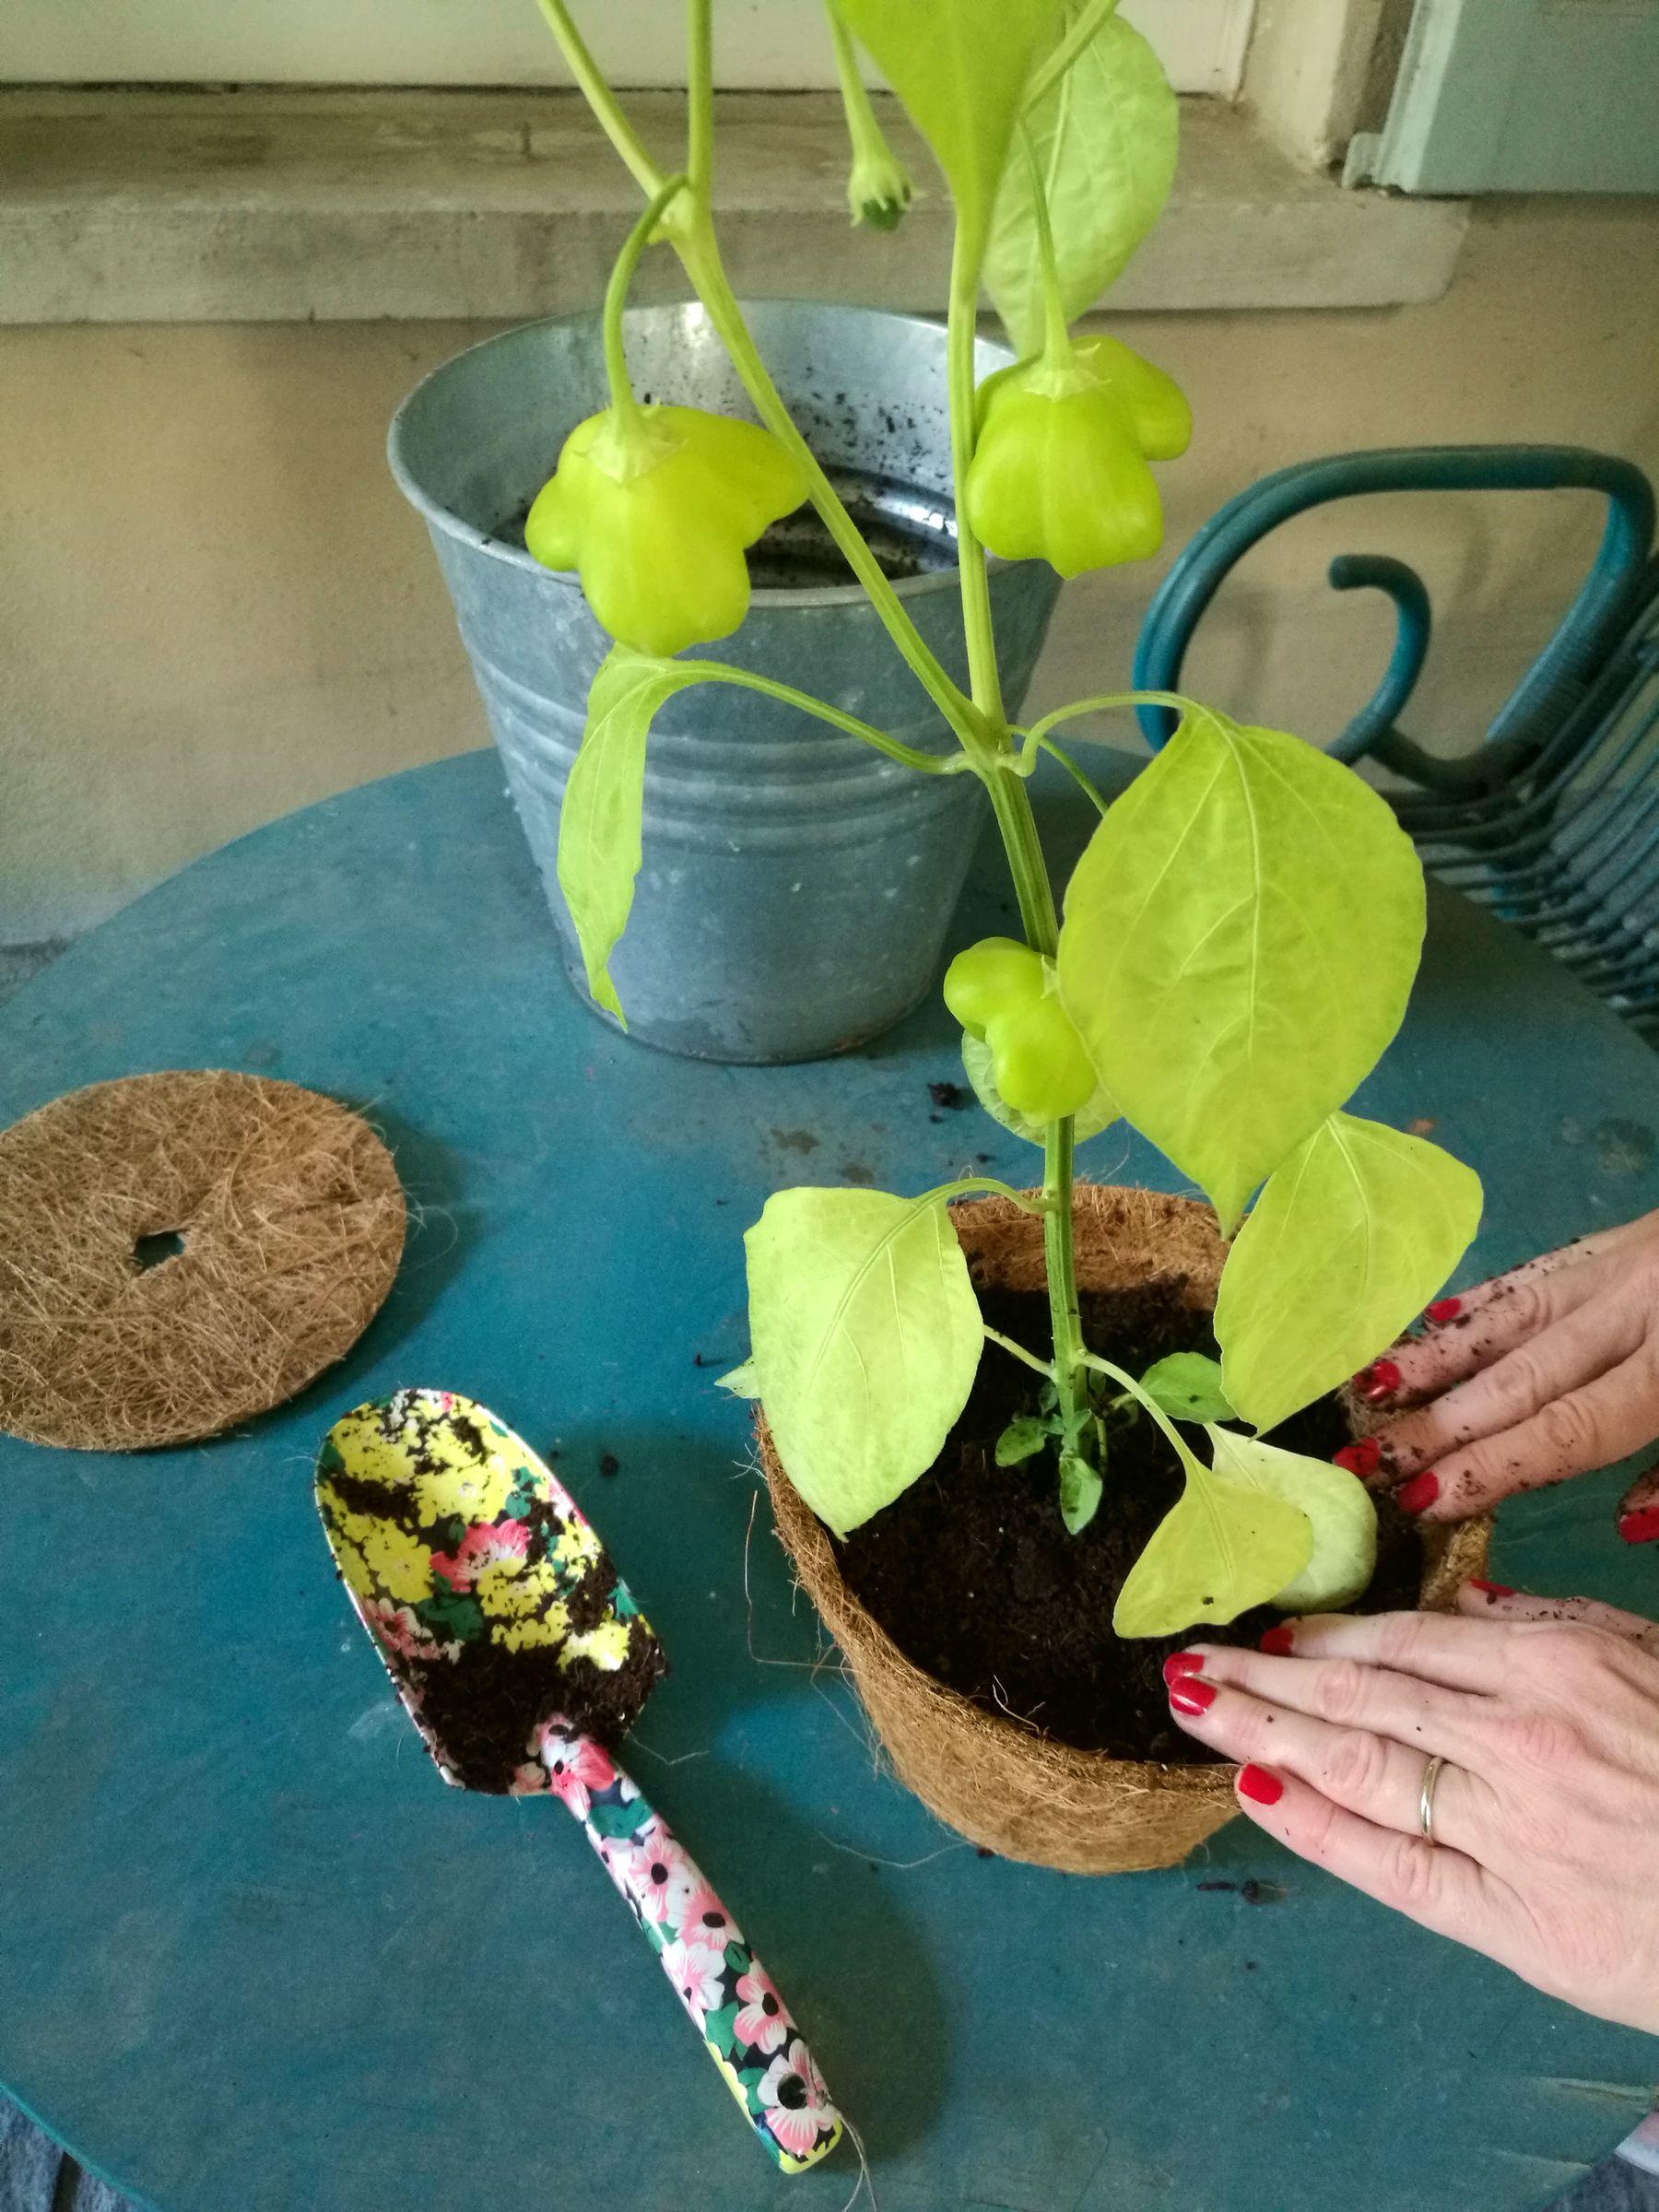 Vasi in fibra di cocco Blossom zine Poku giardini